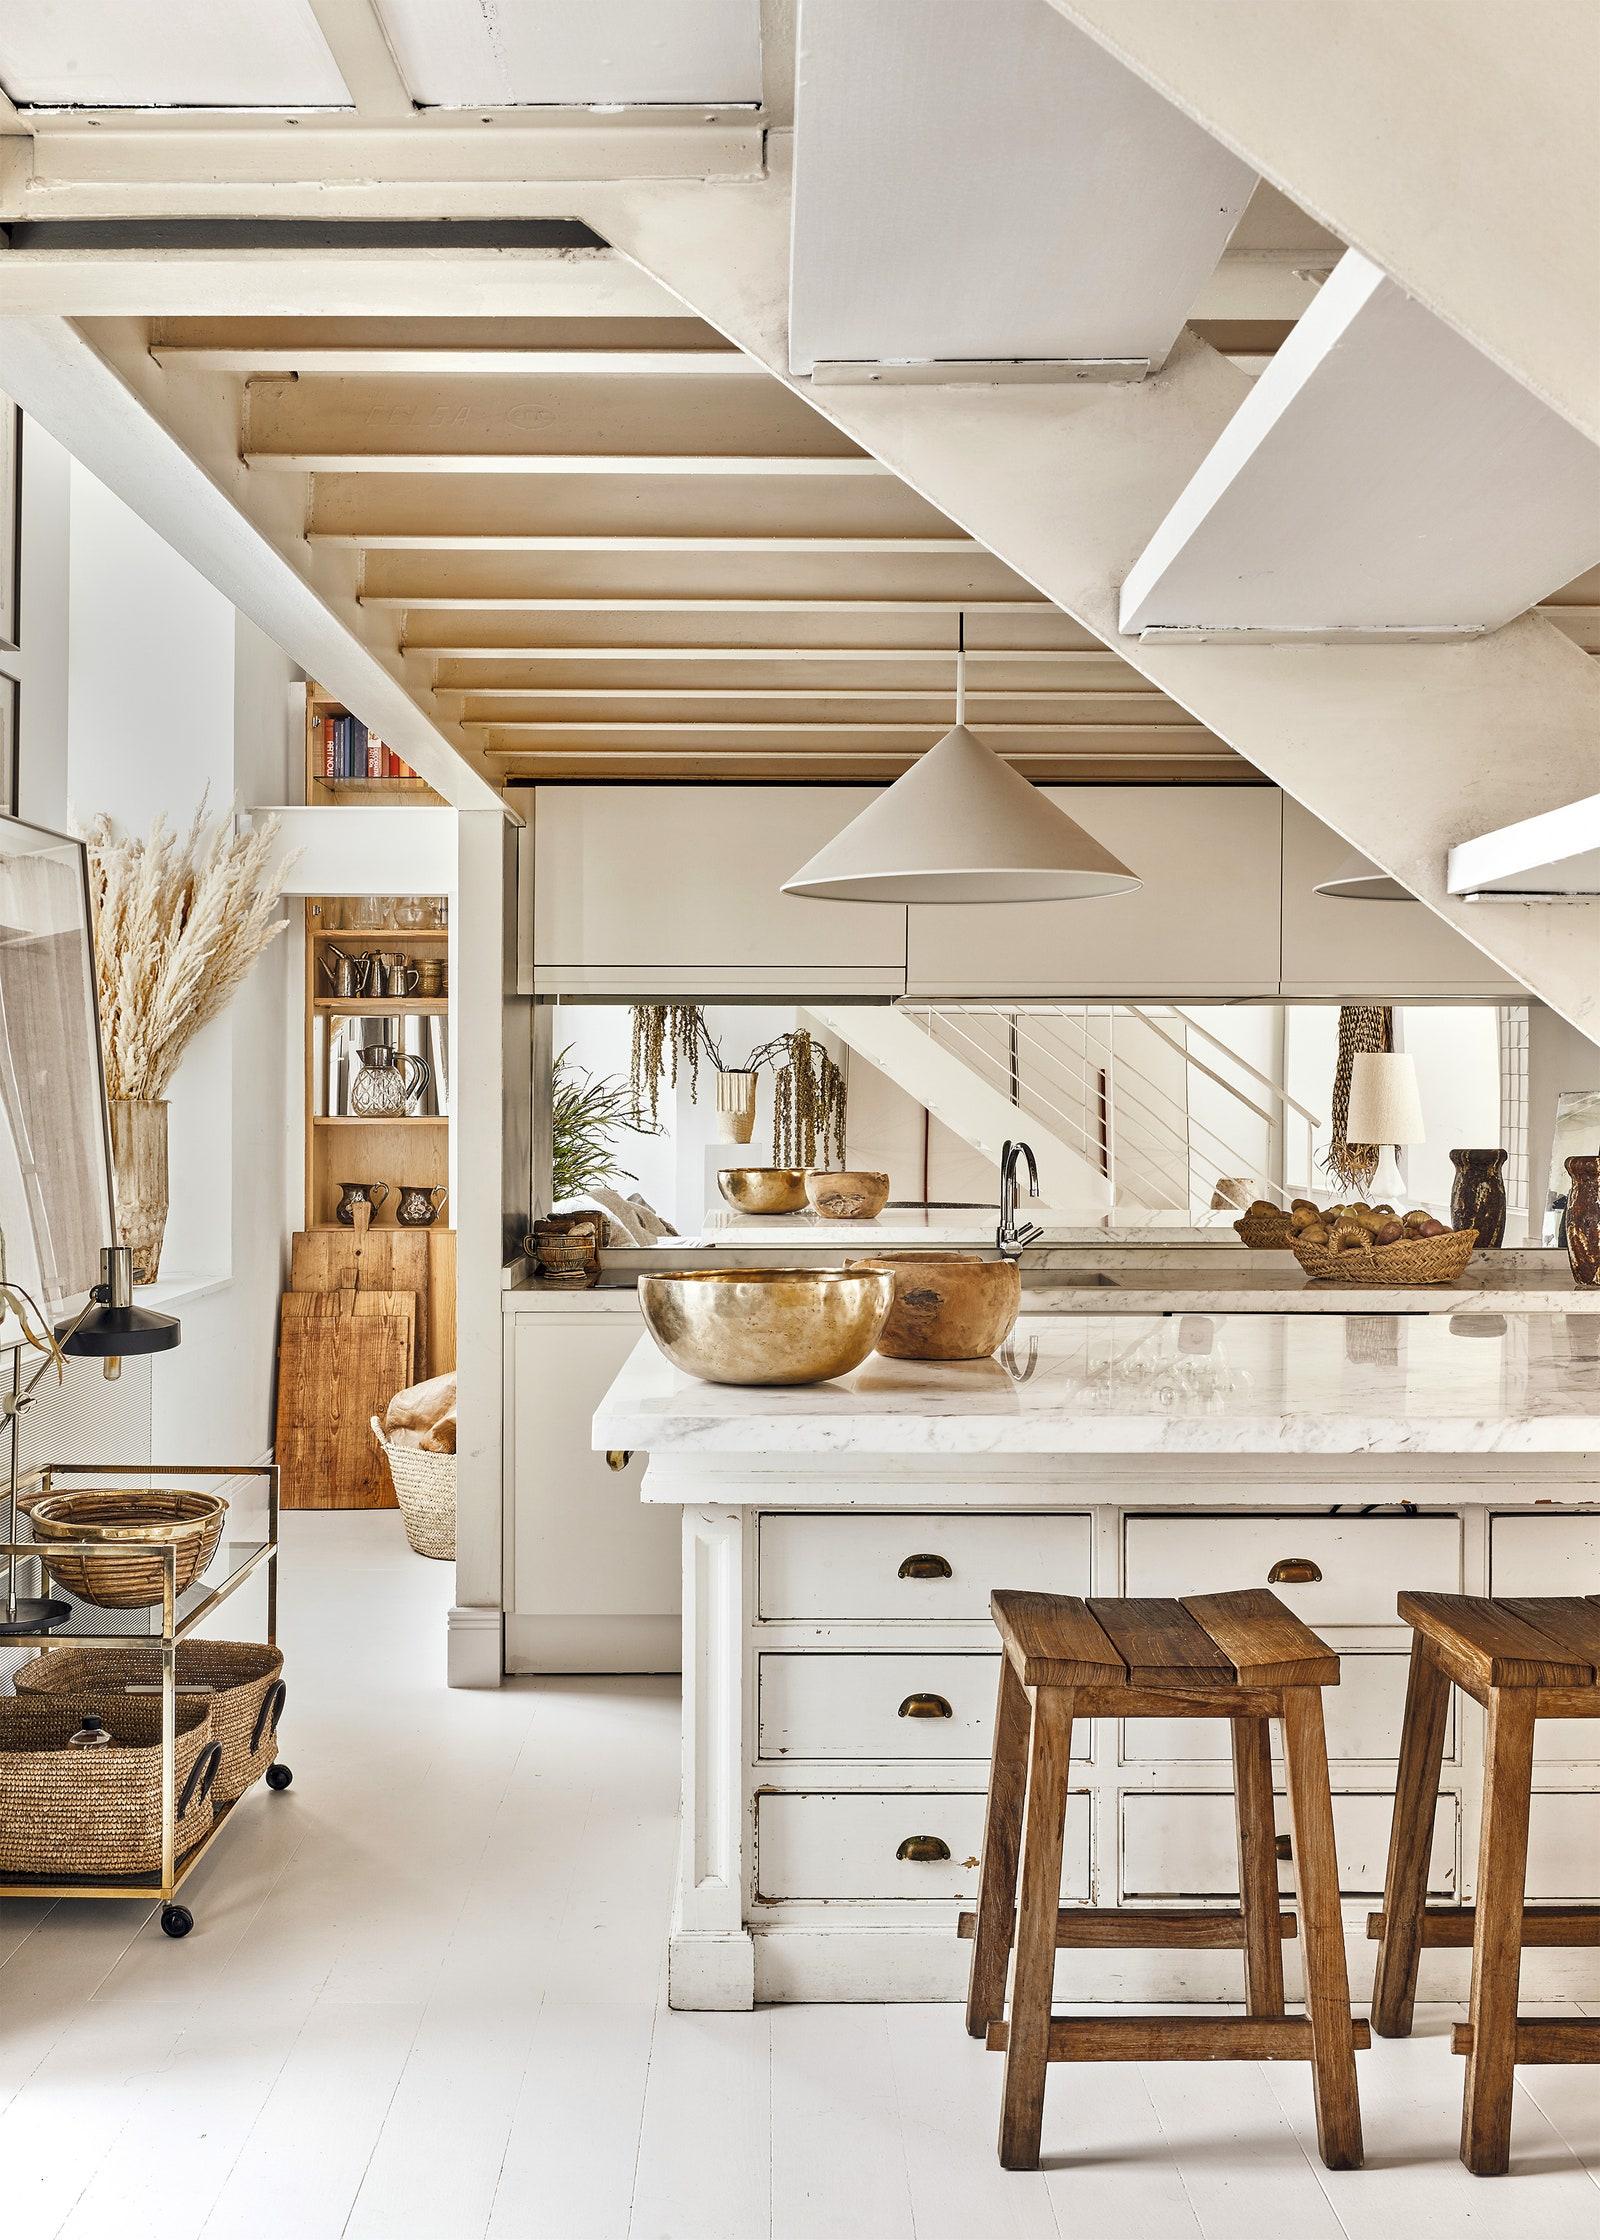 este_verano_practica_nesting_decoración_interiores_lifestyle_consejos-06